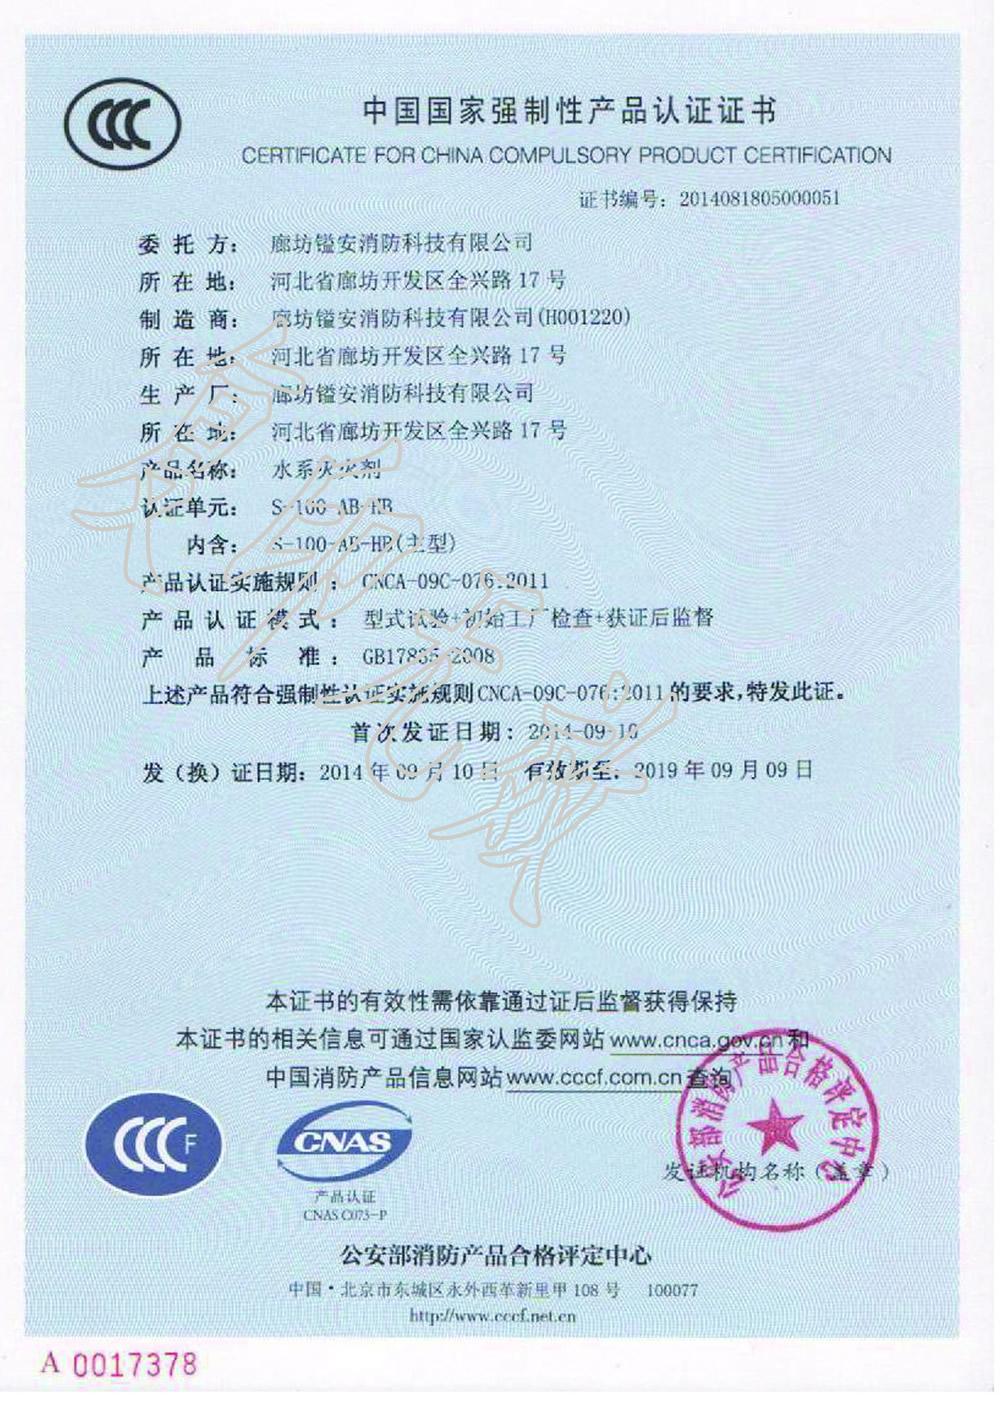 水系可以买滚球的安全平台剂S-100-AB-HB检验报告和3C认证